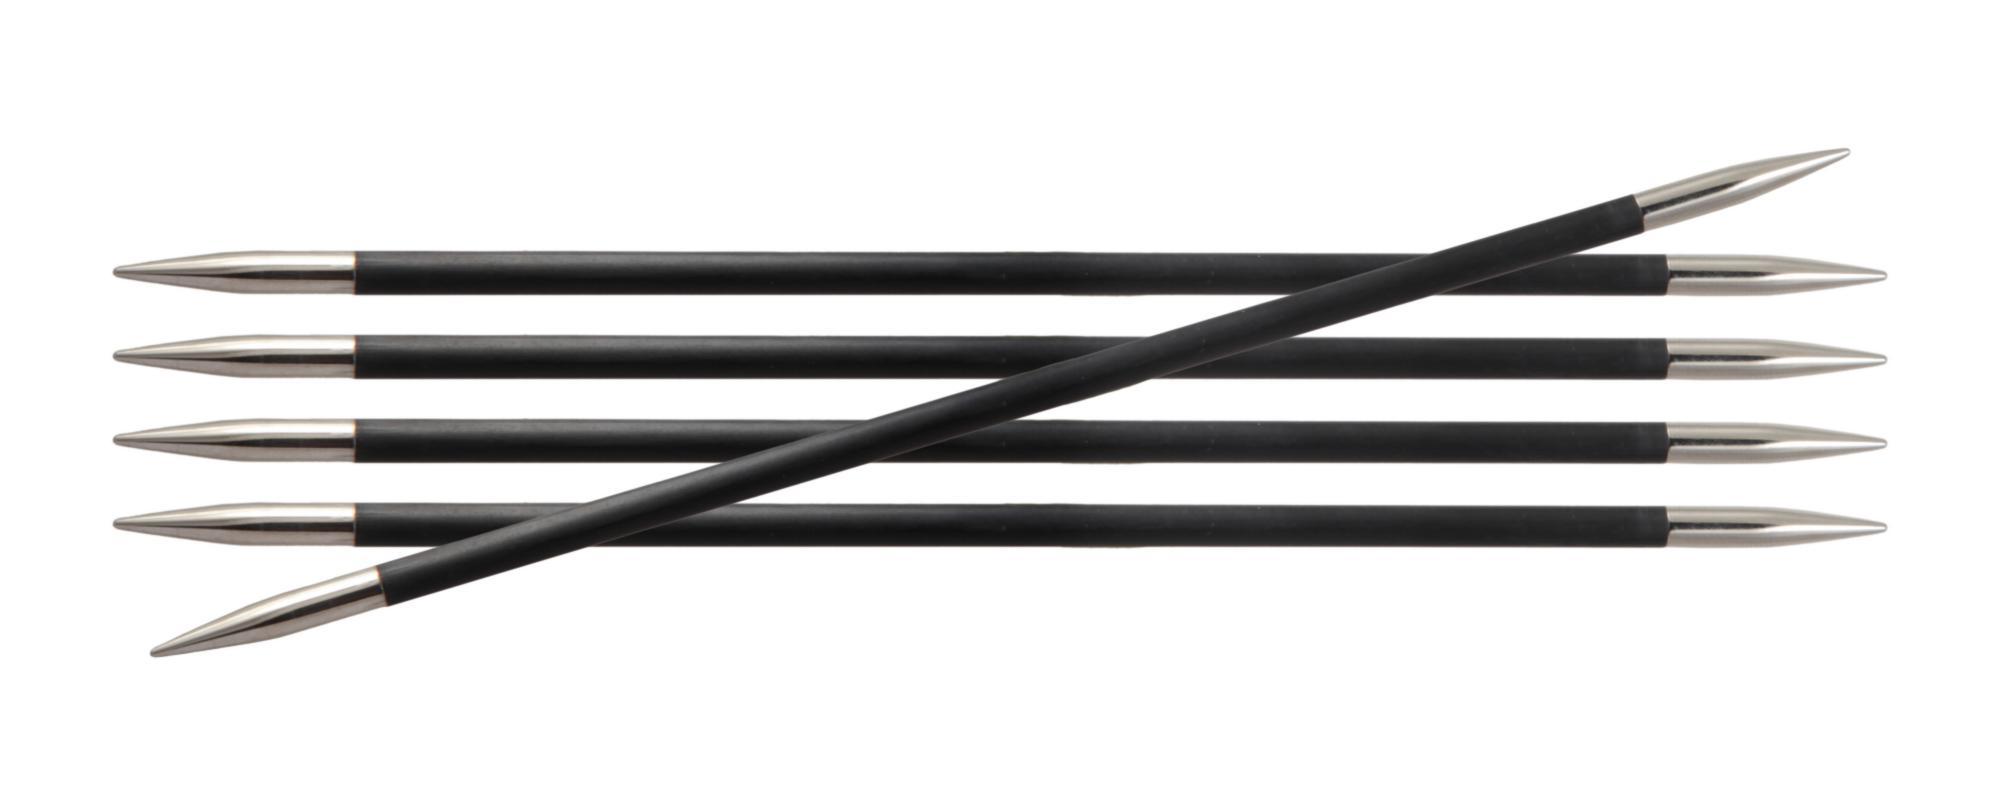 Спицы носочные 15 см Karbonz KnitPro, 41111, 3.50 мм